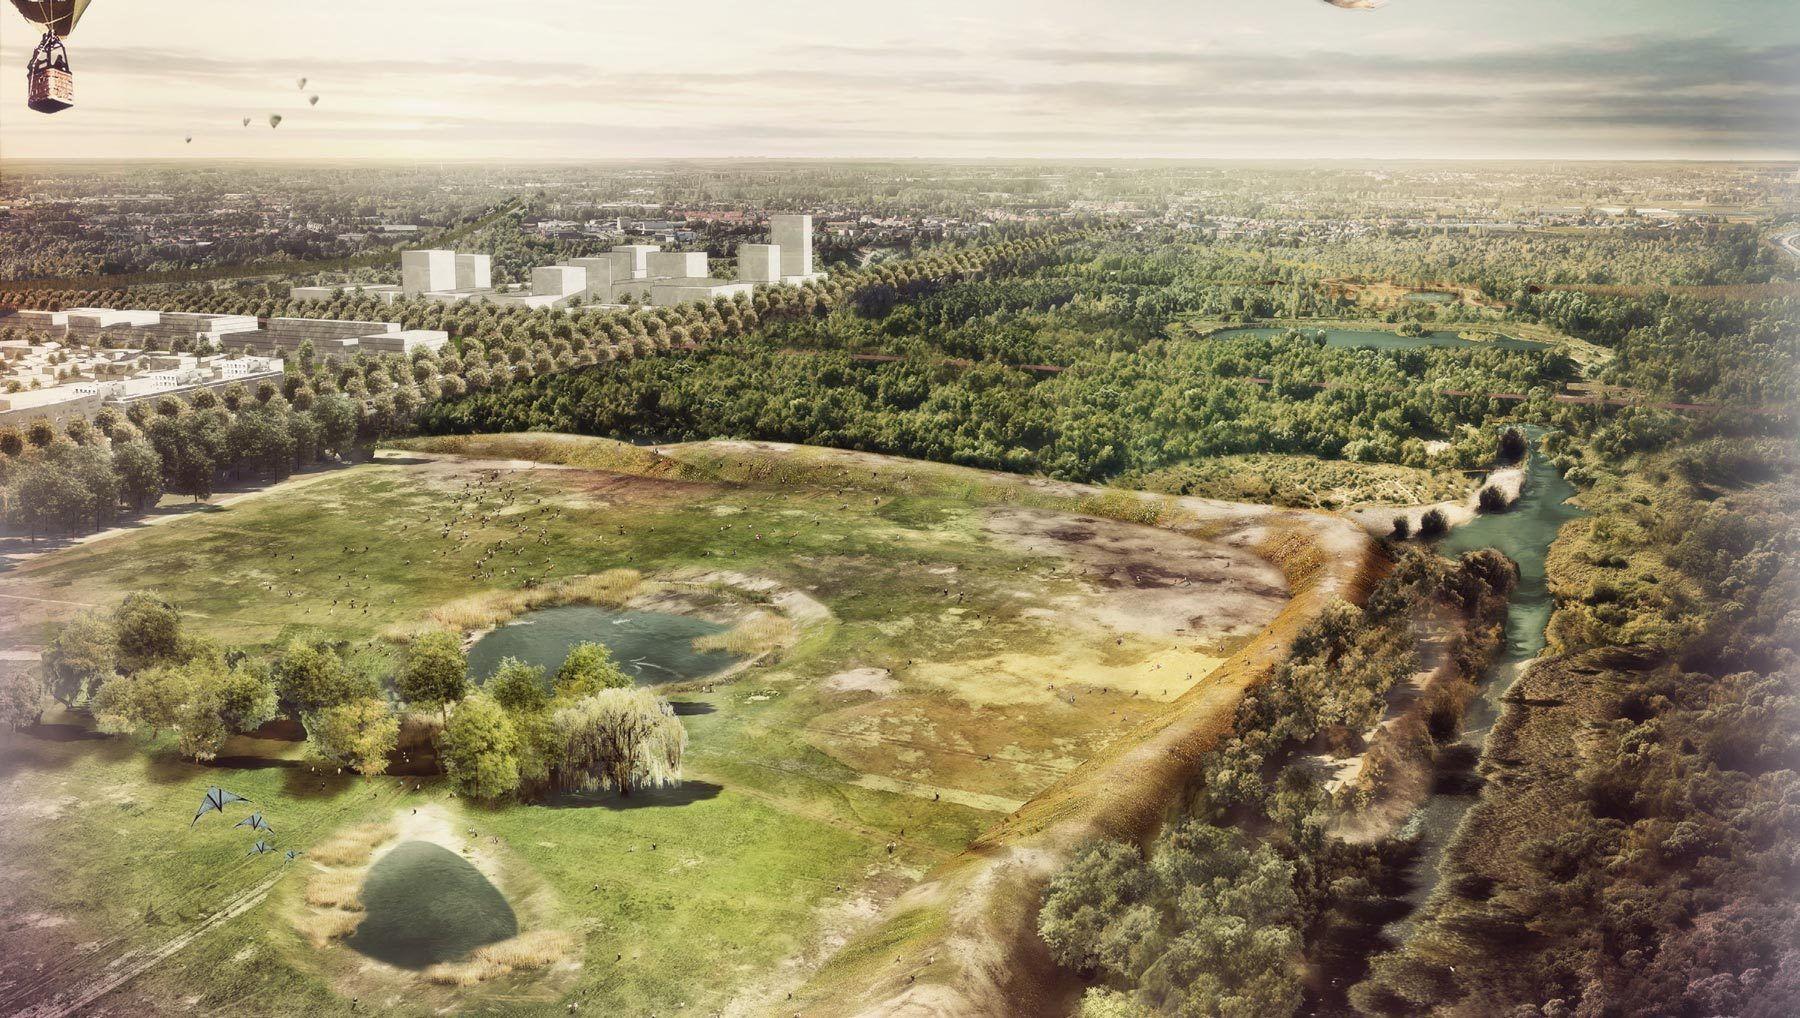 Simulatiebeeld van hoe park Middenvijver er met de twee hondenzwemvijvers zou kunnen uitzien.